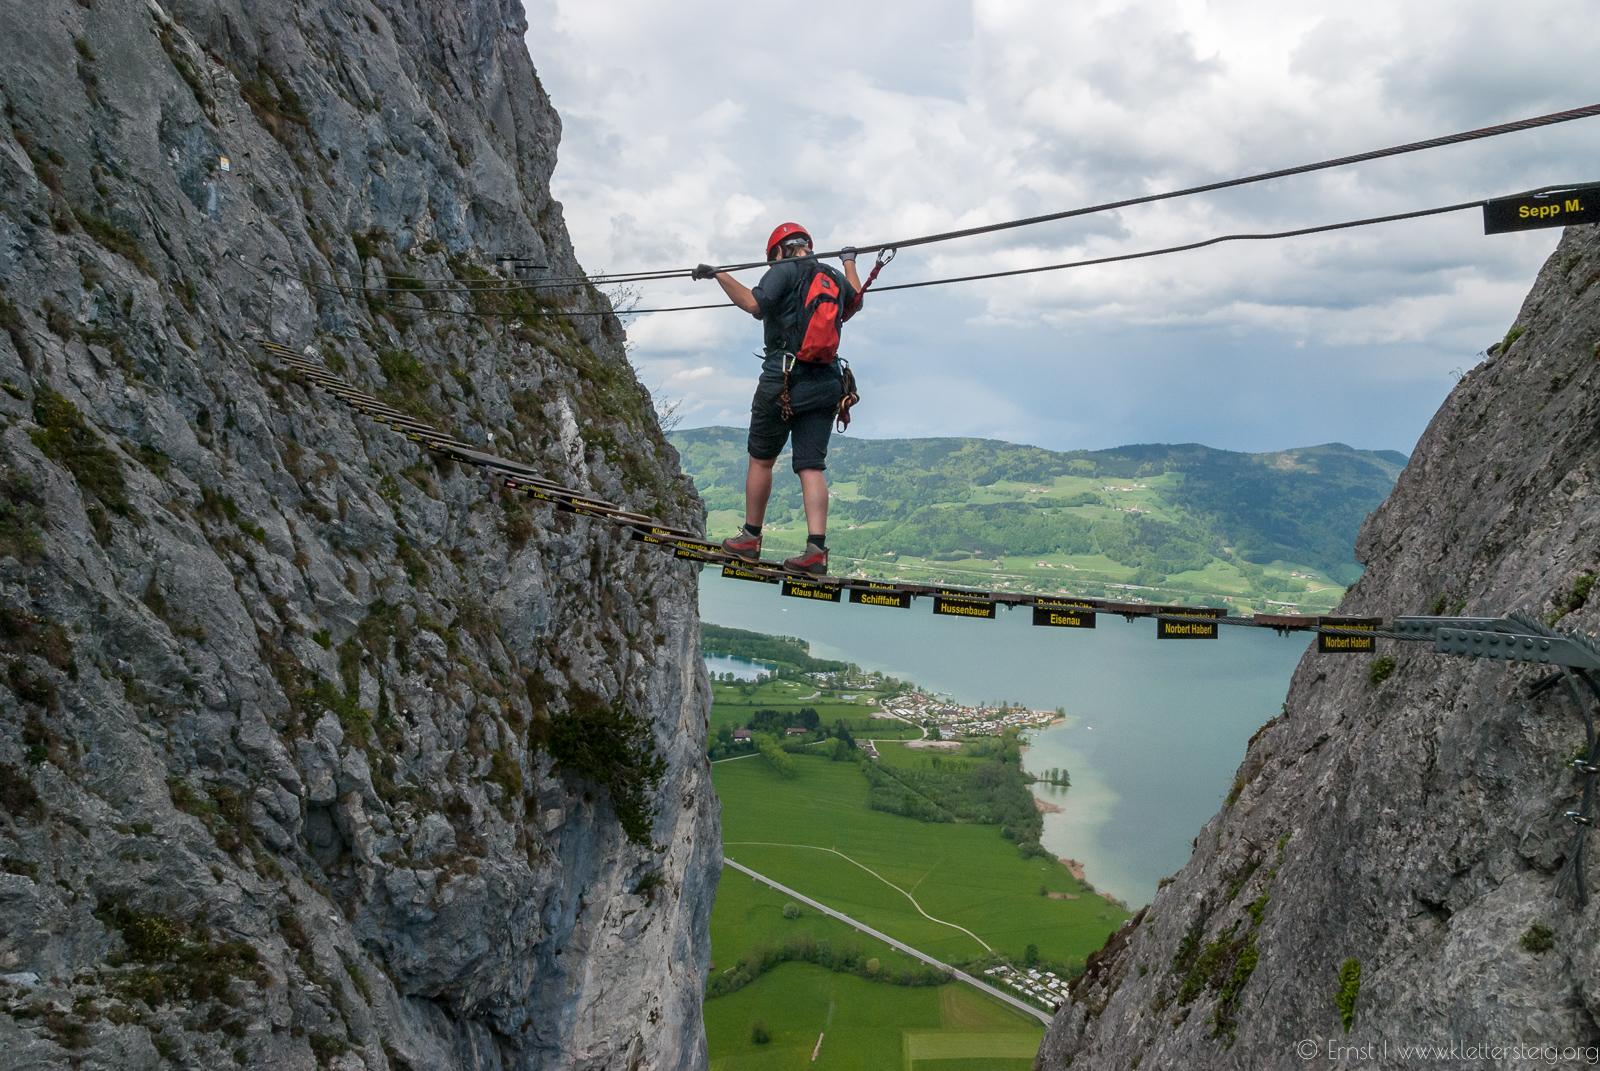 Klettersteig Drachenwand : Drachenwand abstieg sperre aufgehoben klettersteige